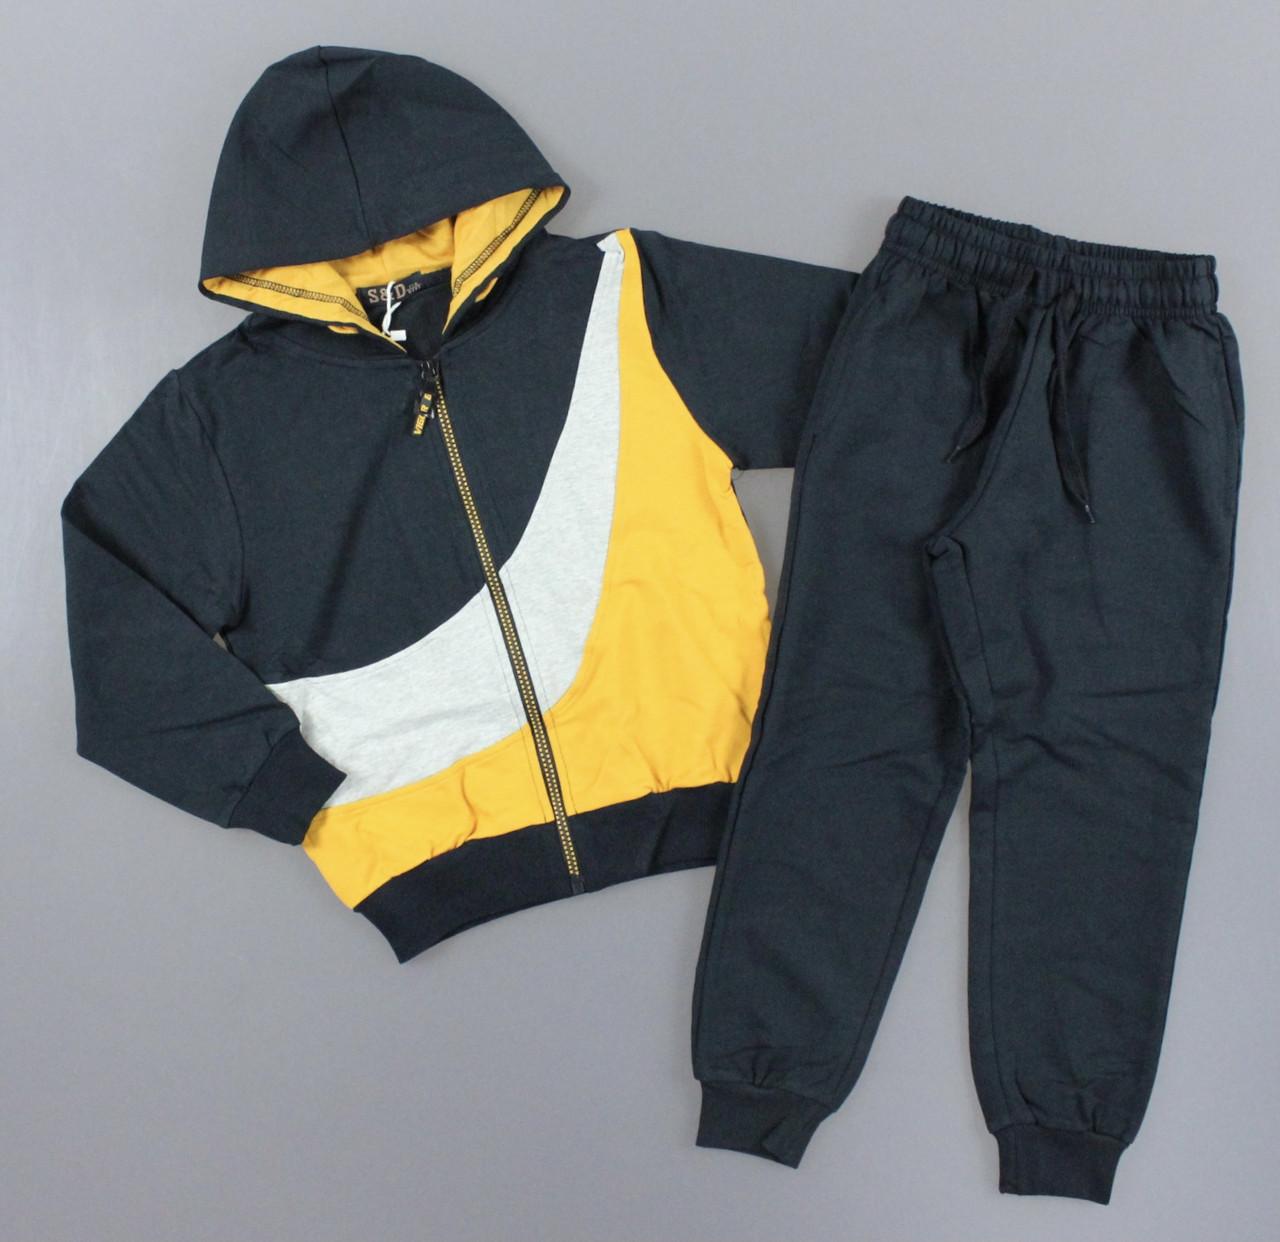 {есть:116,122,128,134,140,146} Трикотажный костюм - двойка для мальчиков S&D,  Артикул: CH6207-жёлтый [116]